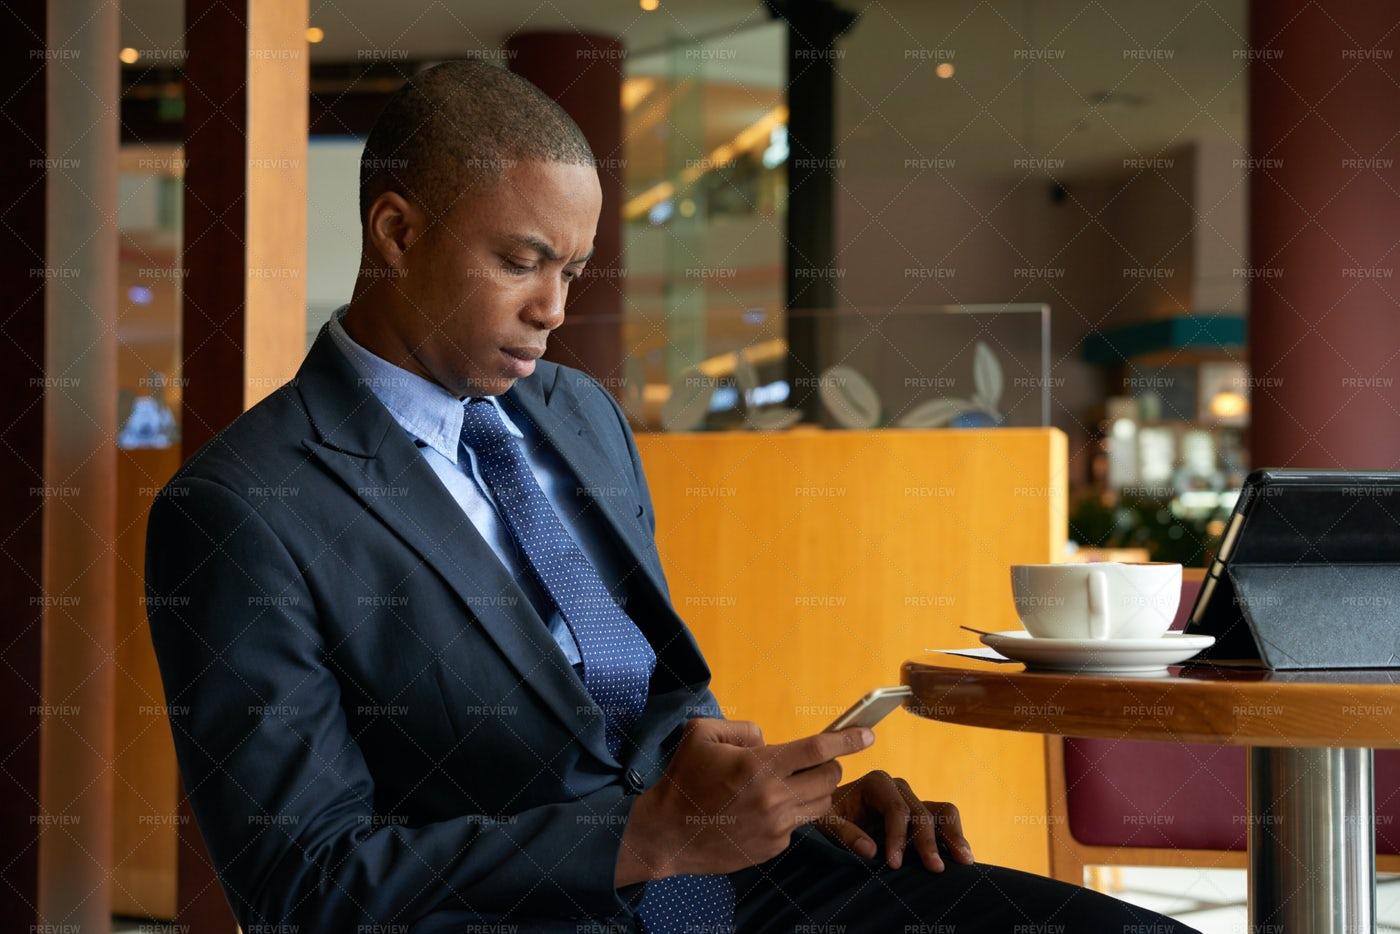 Texting Serious Entrepreneur: Stock Photos